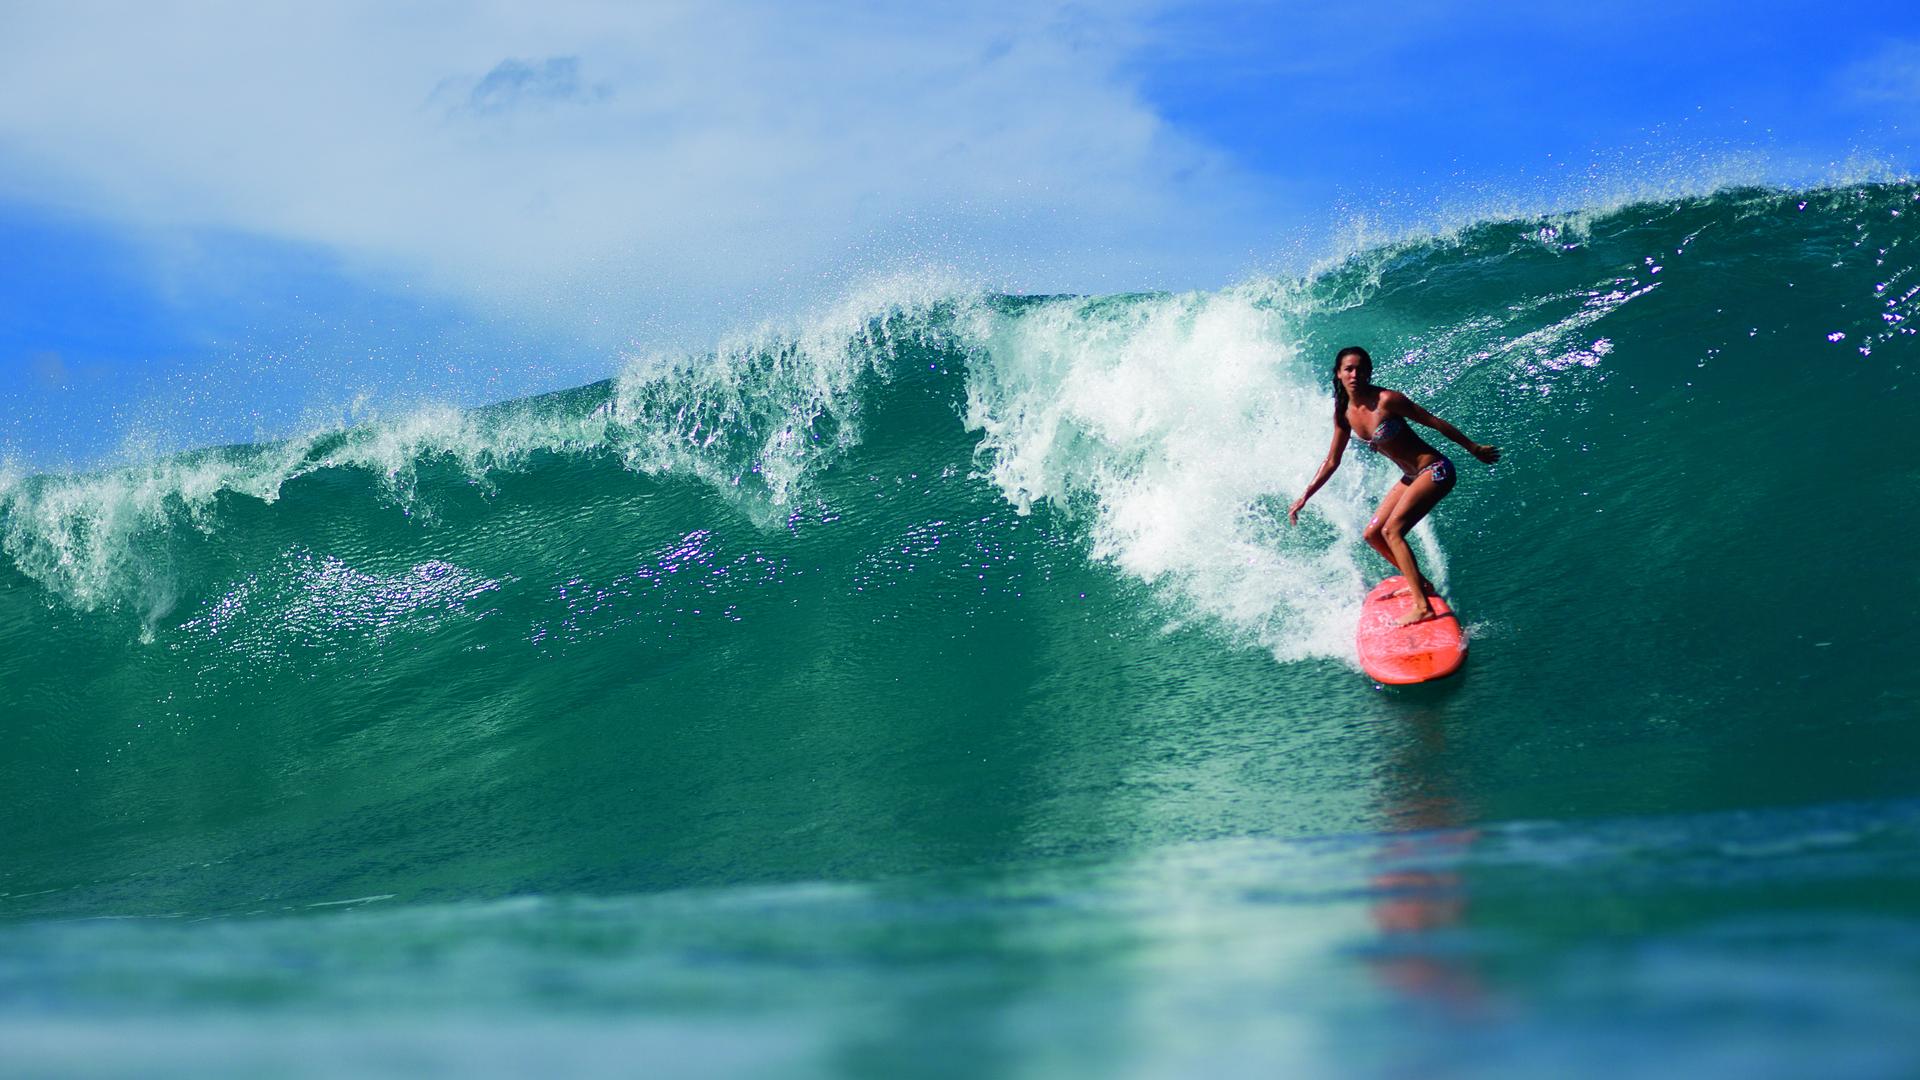 красивые фото серфинга влияния организм